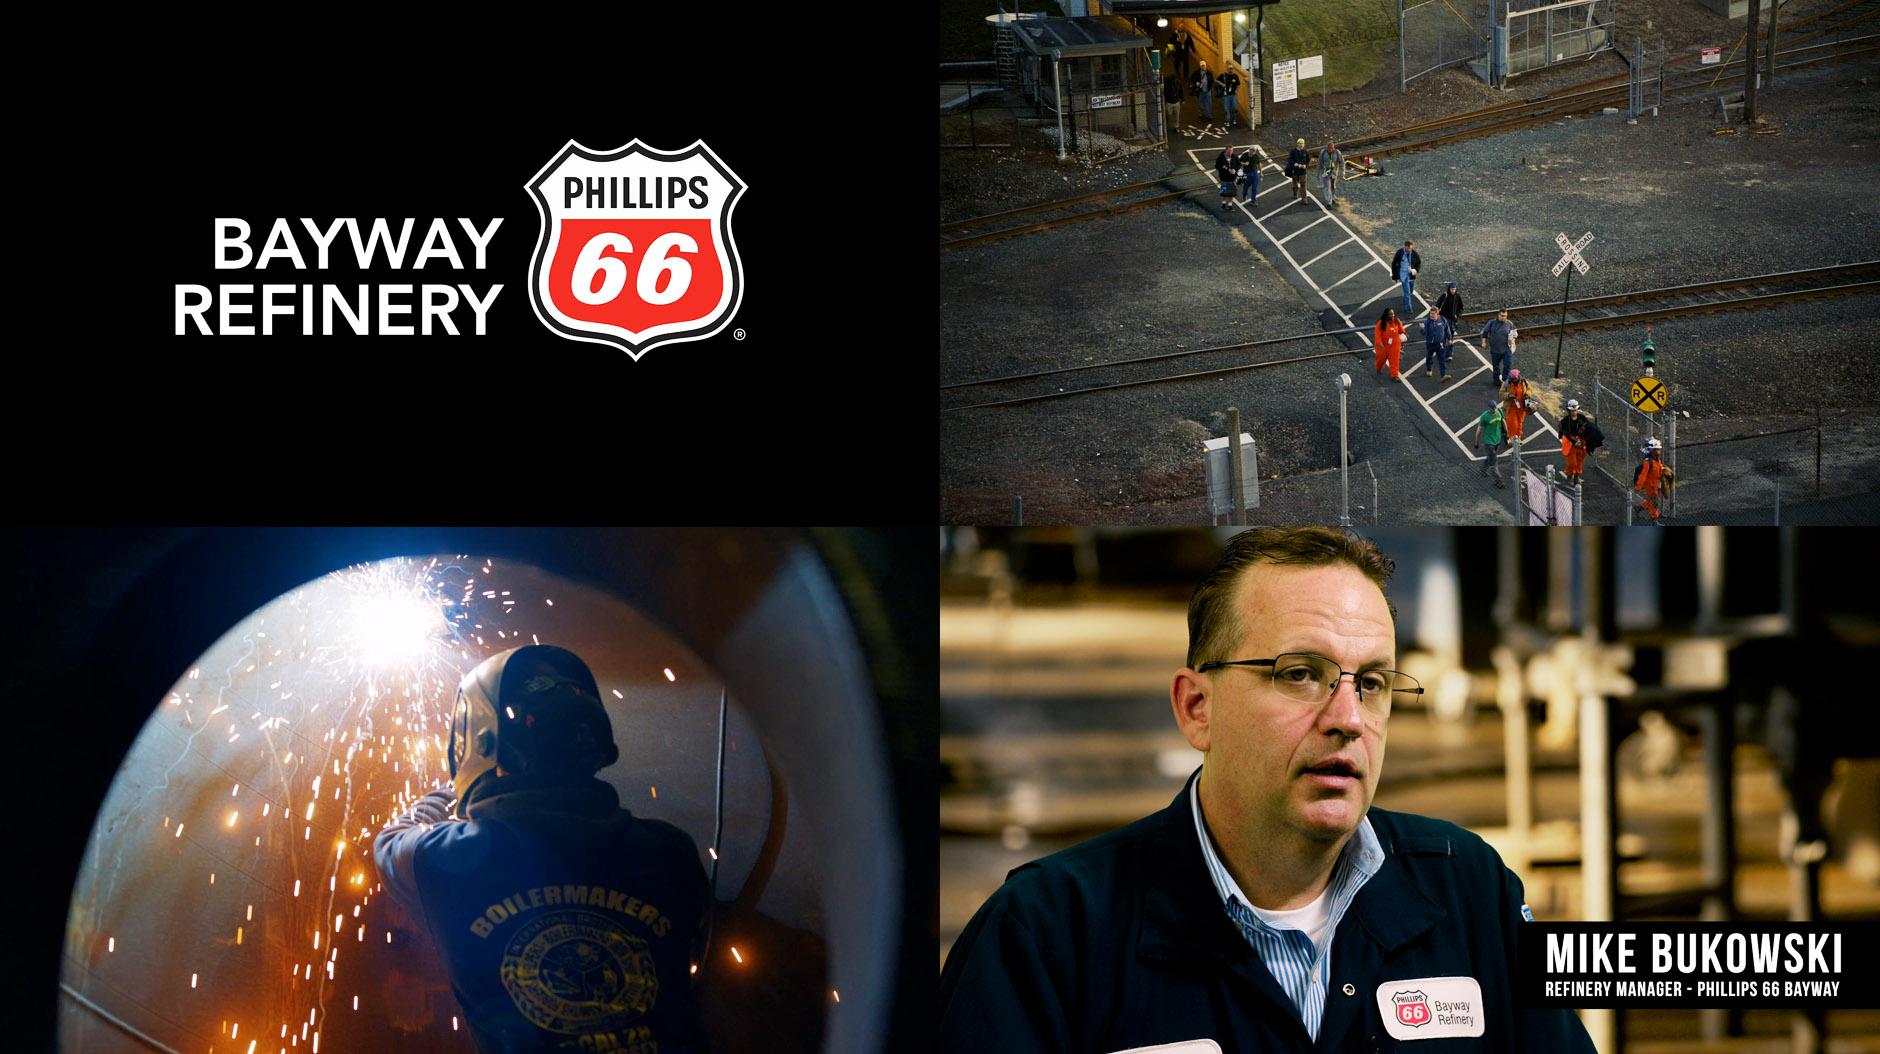 IBB-P66-Bayway_FilmStills_A1.jpg